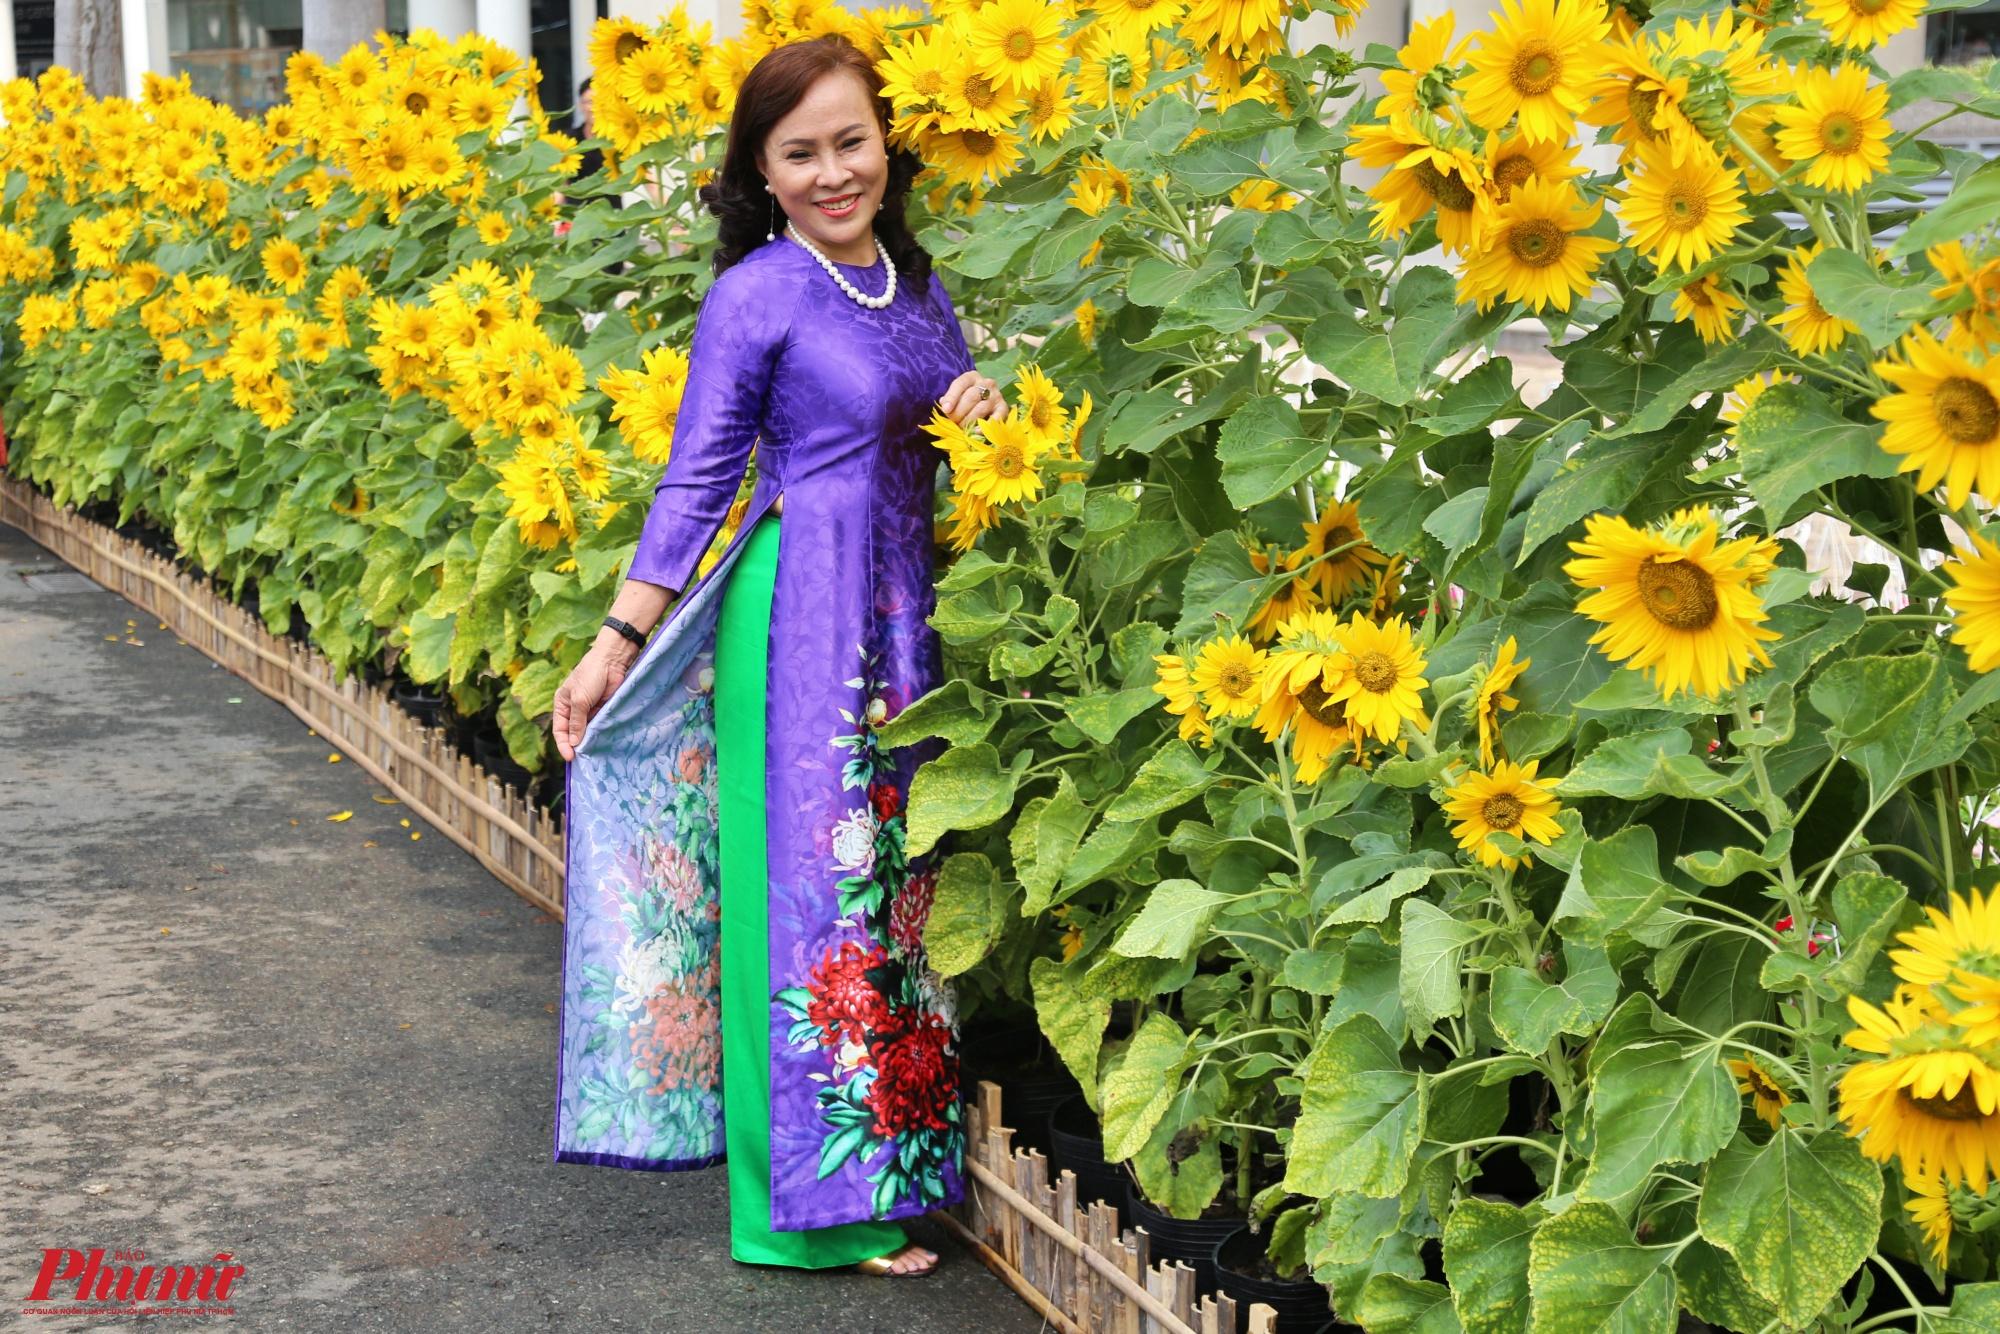 Năm cánh đồng hoa, gồm hoa cúc, hoa hướng dương, hoa dừa cạn, hoa sao nhái và hoa nữ hoàng được bố trí trải dài dọc theo cung đường Hồ Bán Nguyệt sẽ mang lại sắc xuân, sự rực rỡ của hội hoa năm nay.